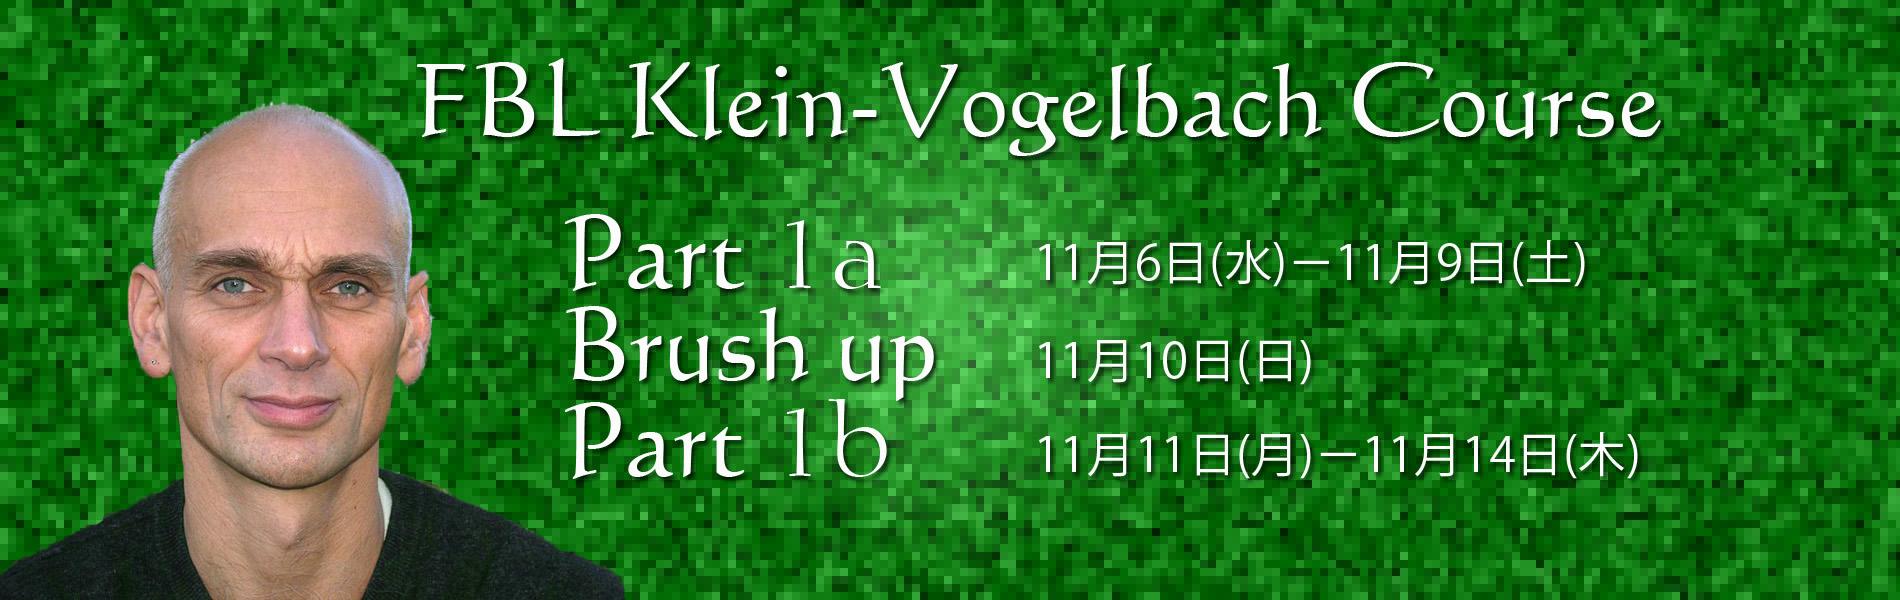 FBL Klein-Vogelbach course